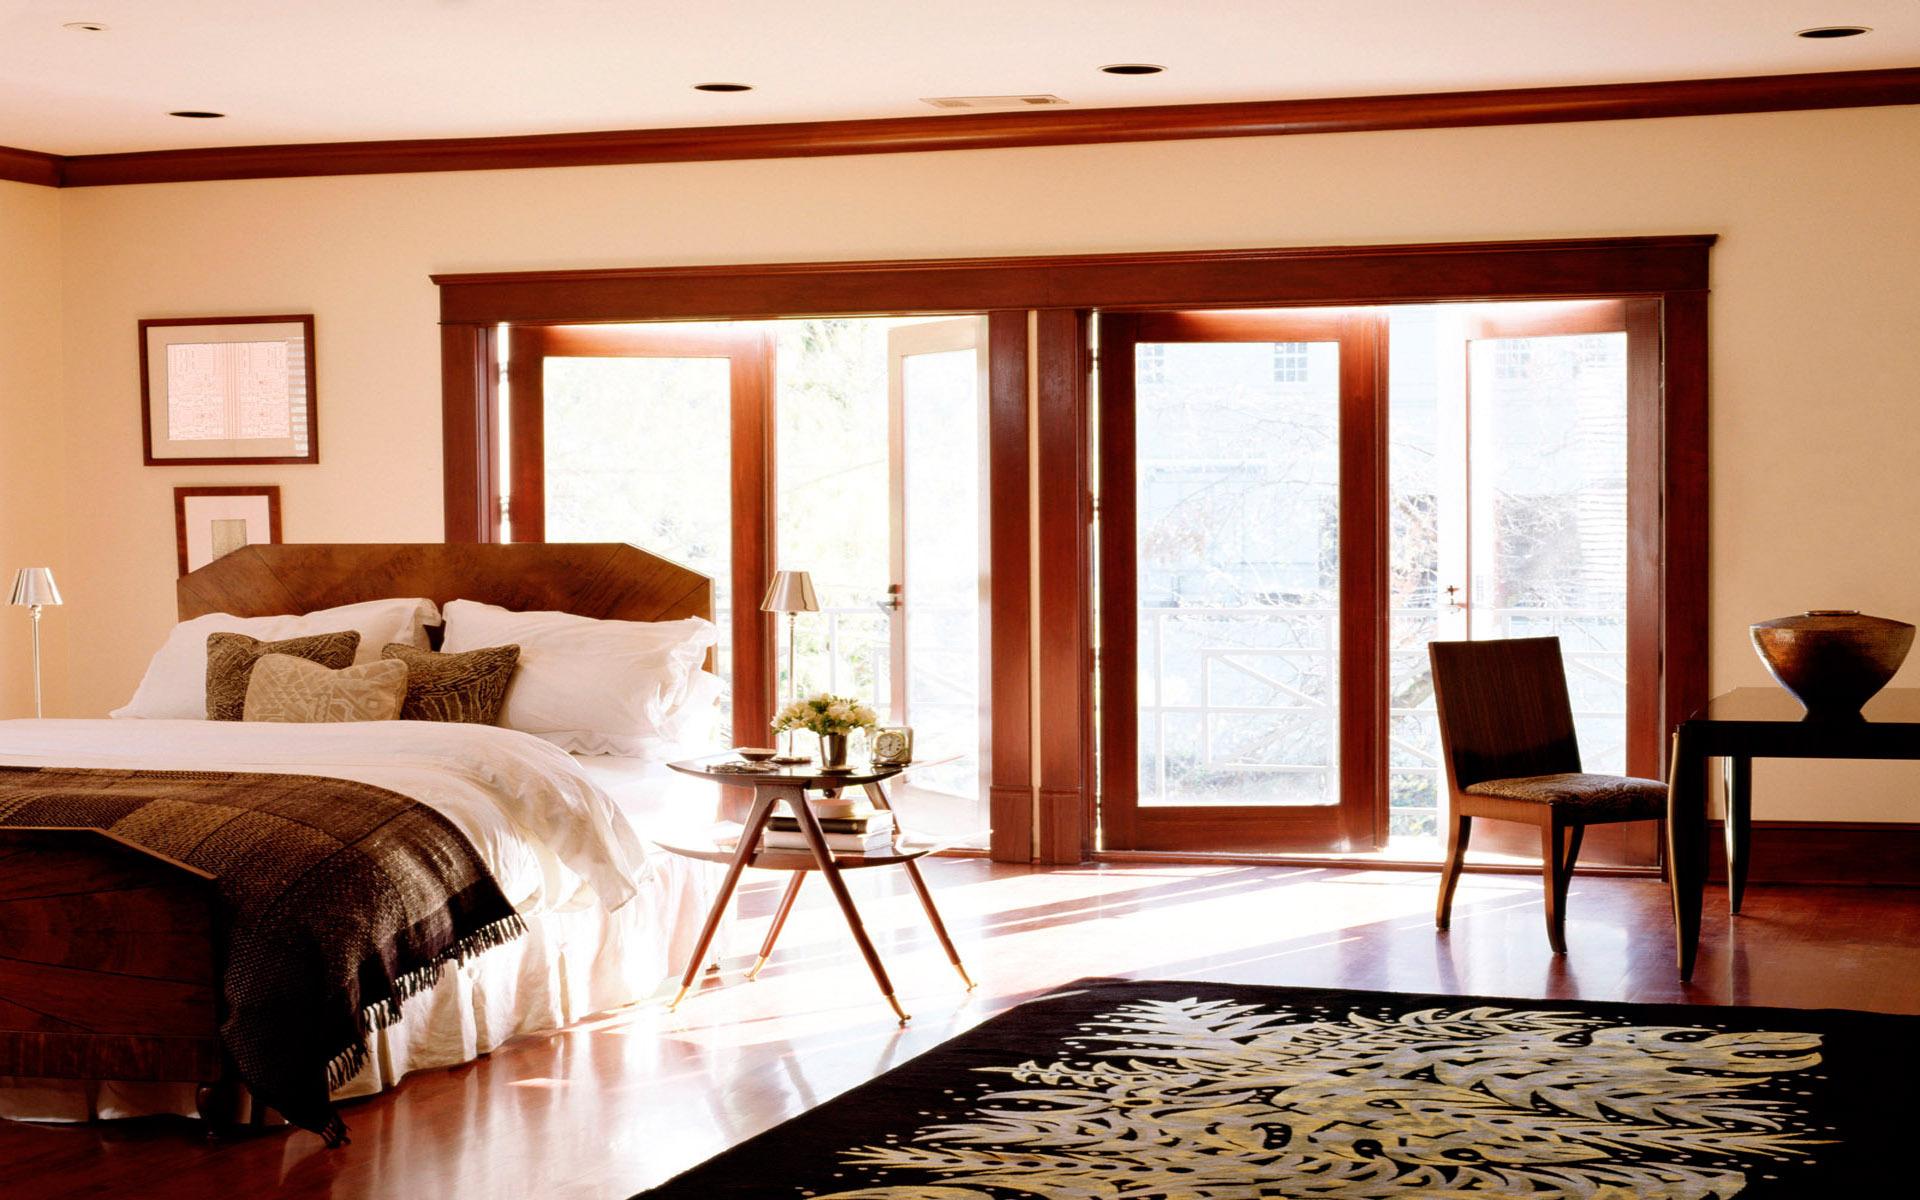 комната кровать  № 3539755 без смс